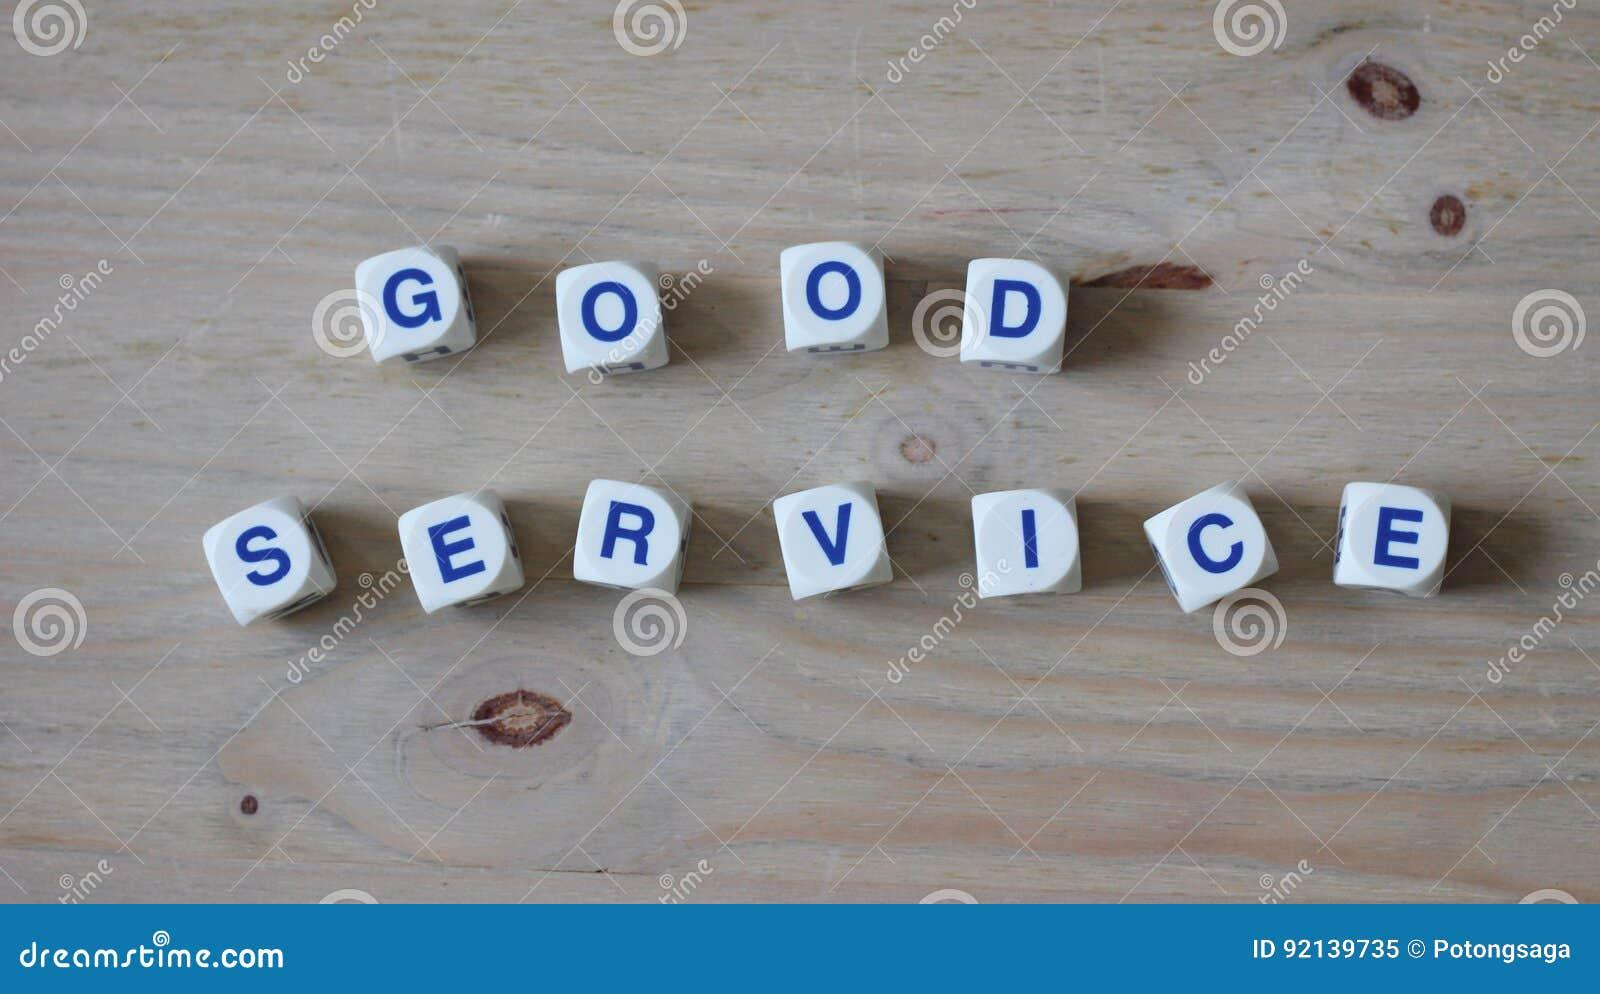 Bom serviço